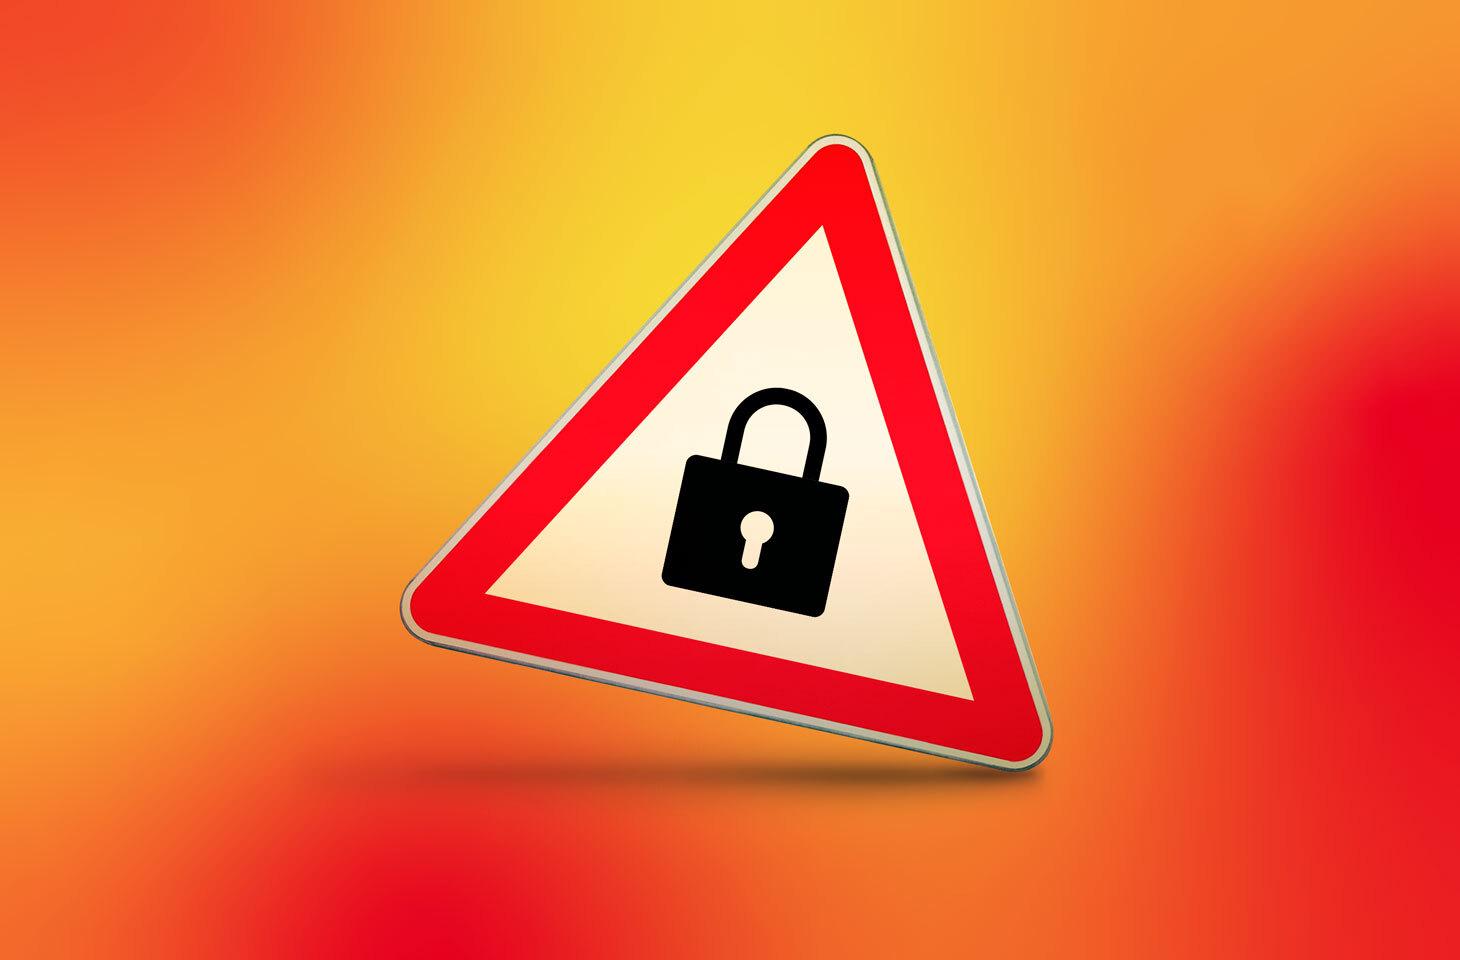 Η μεγαλύτερη επίθεση ransomware ζητά 70 εκ. δολάρια σε κρυπτονόμισμα